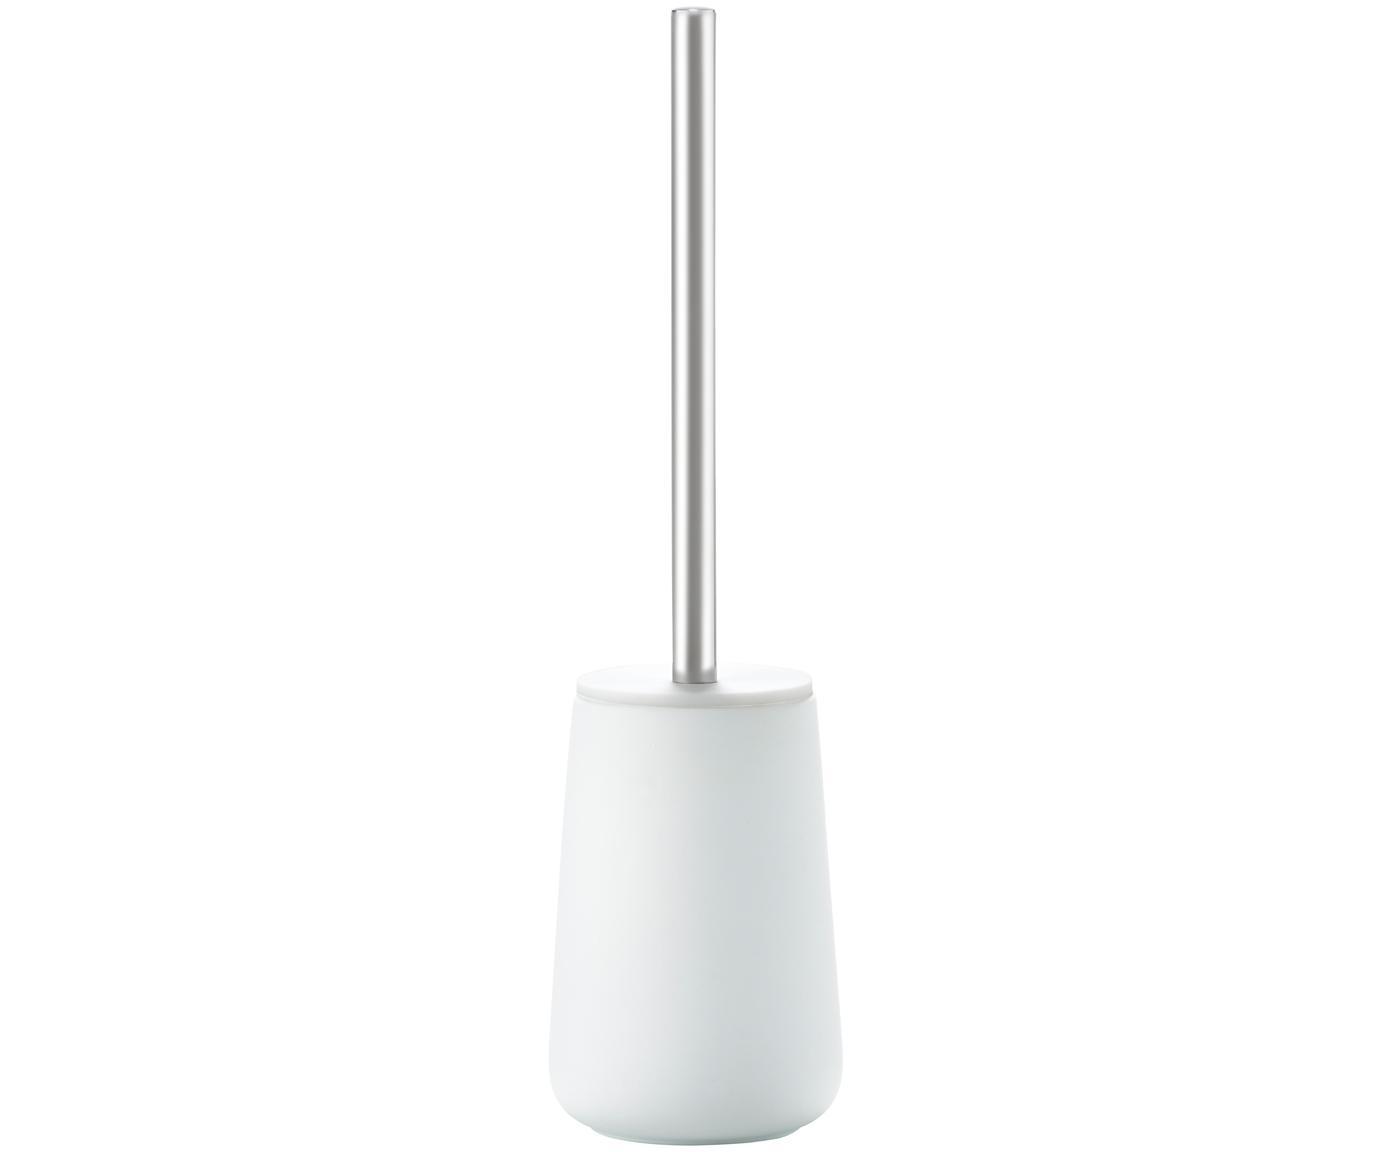 Scopino Brush, Contenitore: porcellana, Bianco opaco, acciaio inossidabile, Ø 10 x Alt. 43 cm